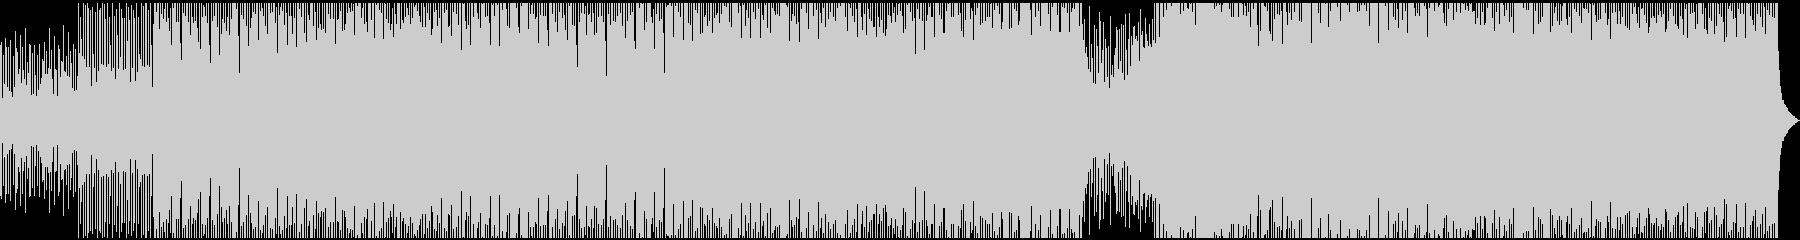 フルートソロのハウストラックの未再生の波形